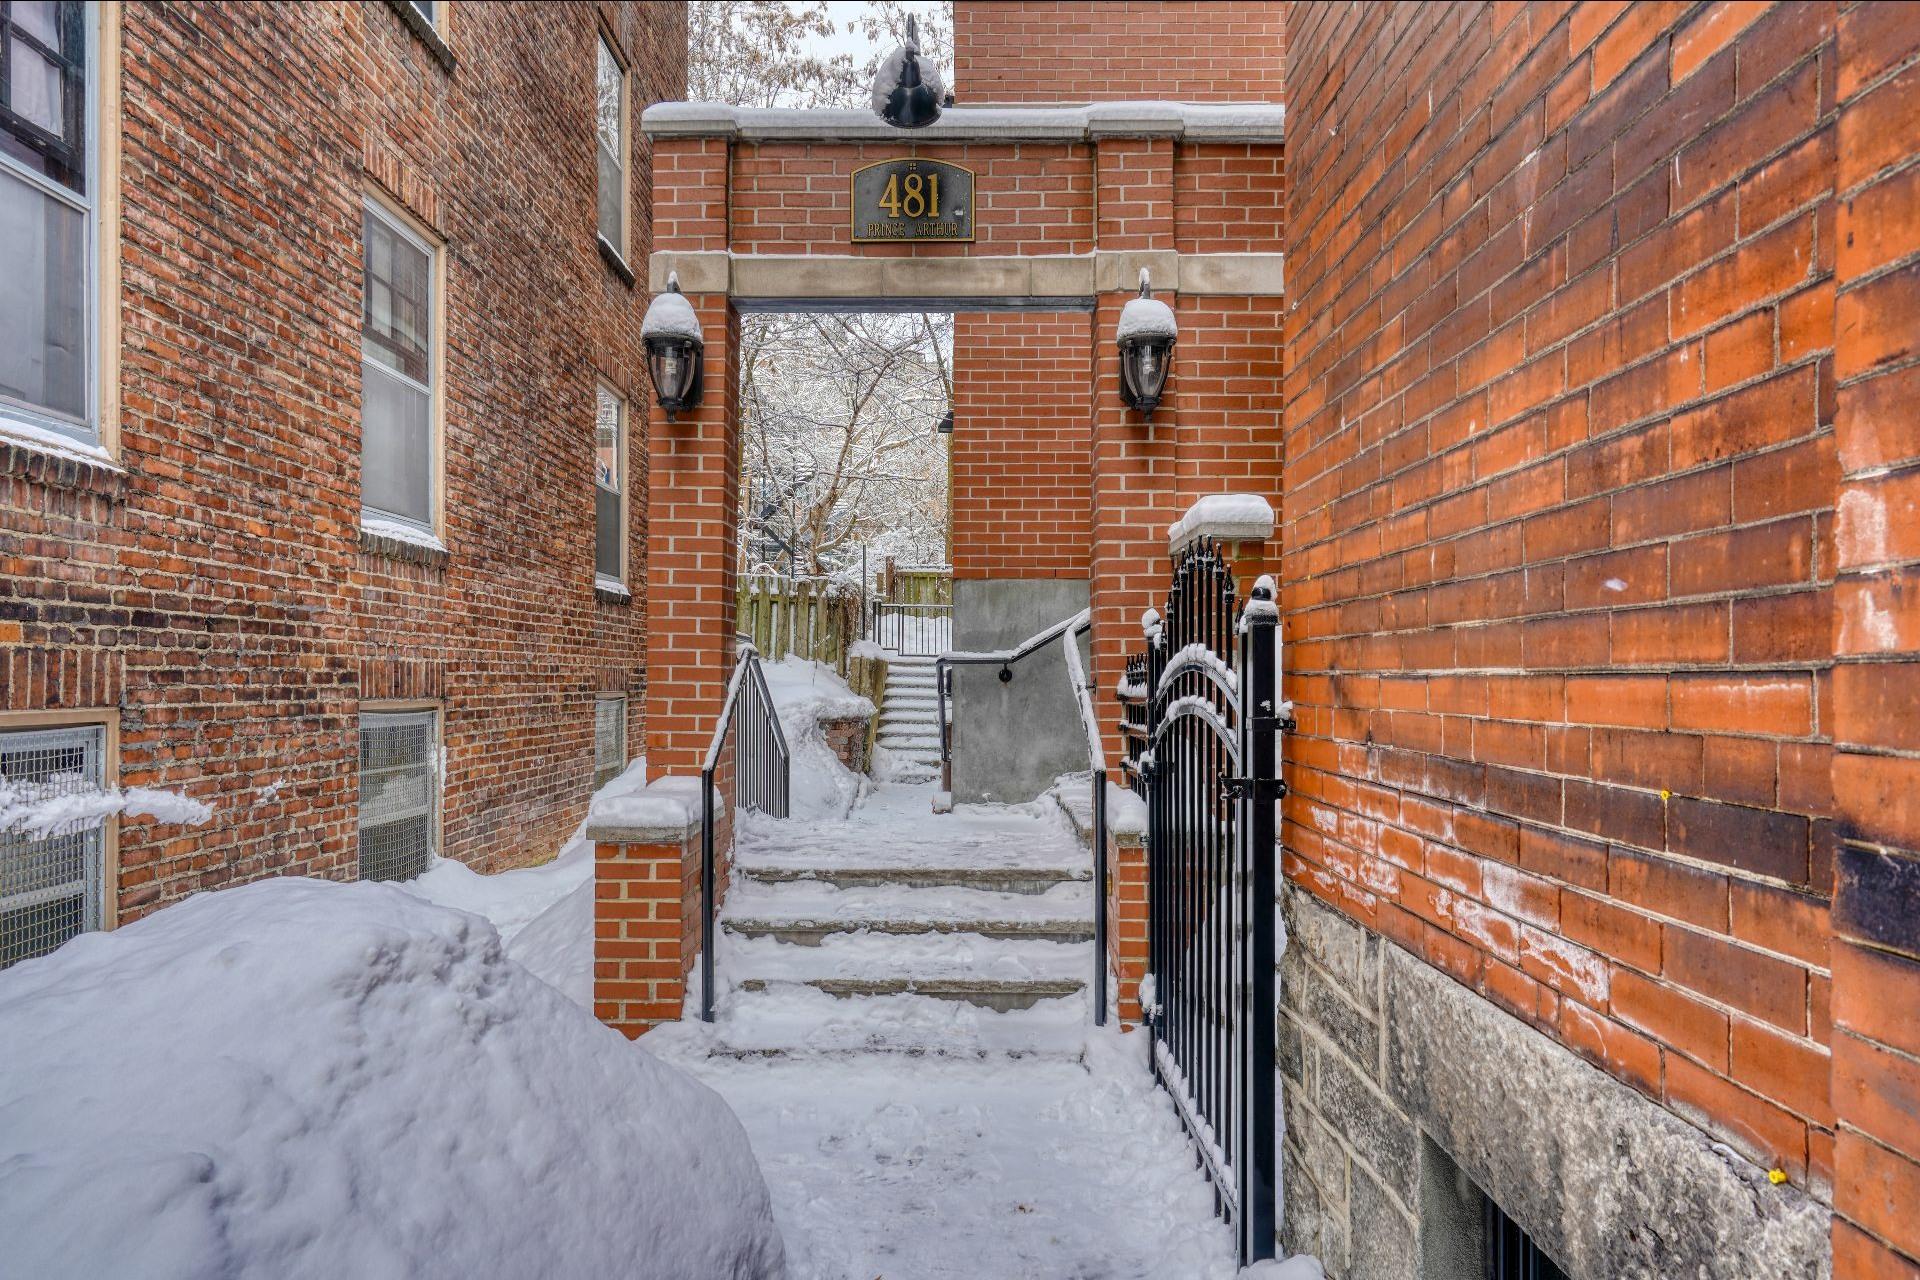 image 23 - Appartement À vendre Le Plateau-Mont-Royal Montréal  - 3 pièces